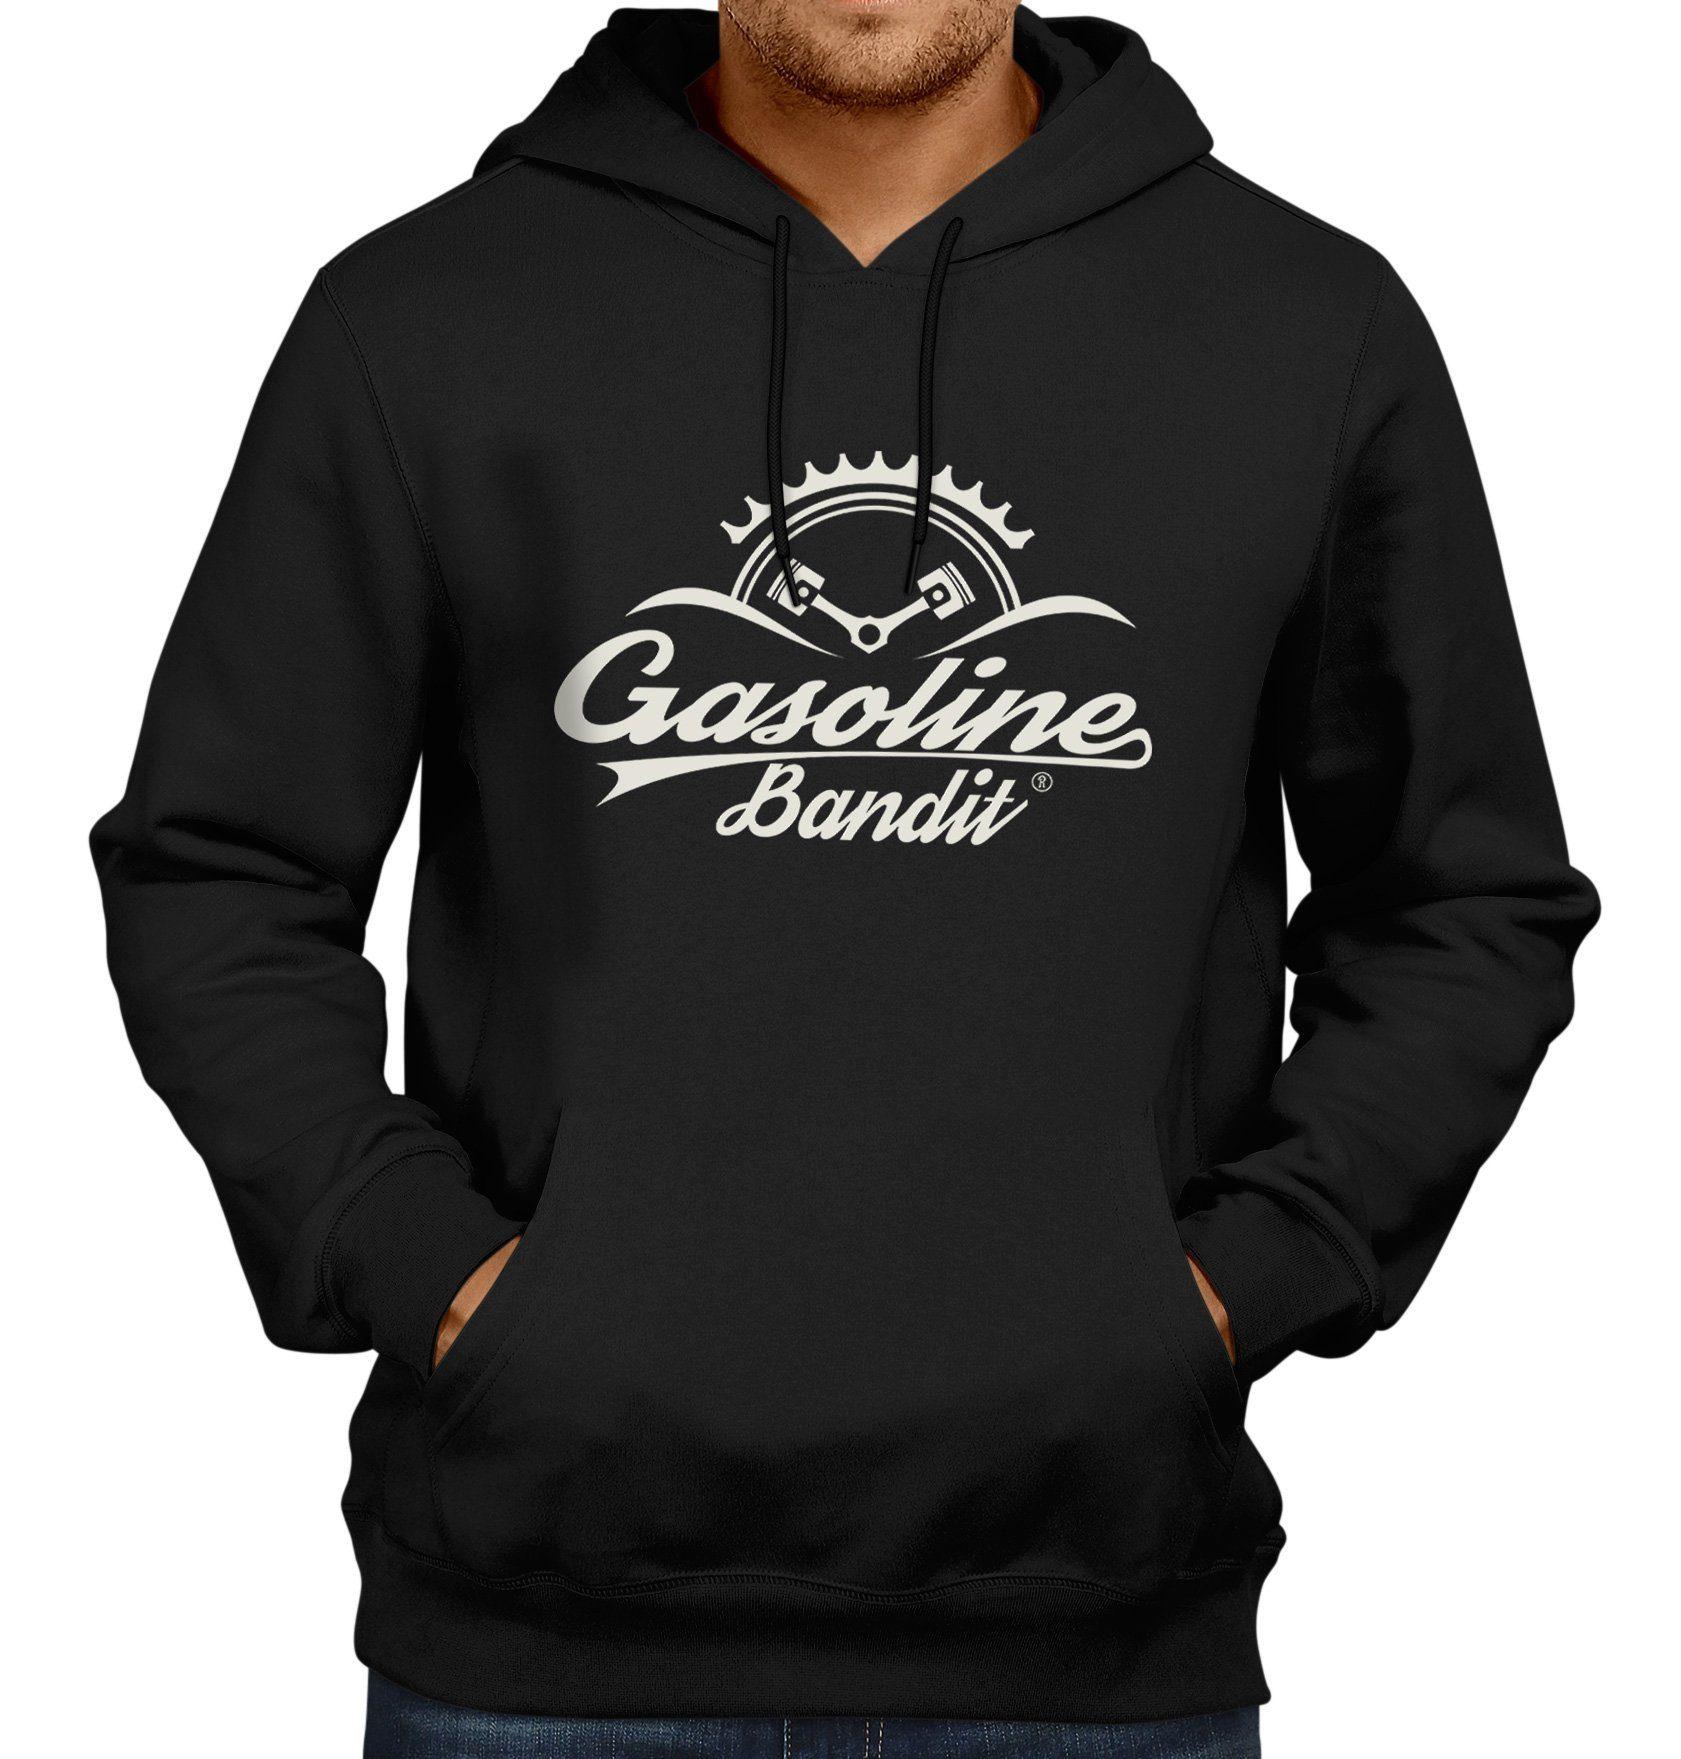 GASOLINE BANDIT Kapuzenpullover mit Logo-Print   Bekleidung > Pullover   Schwarz   Baumwolle   Gasoline Bandit